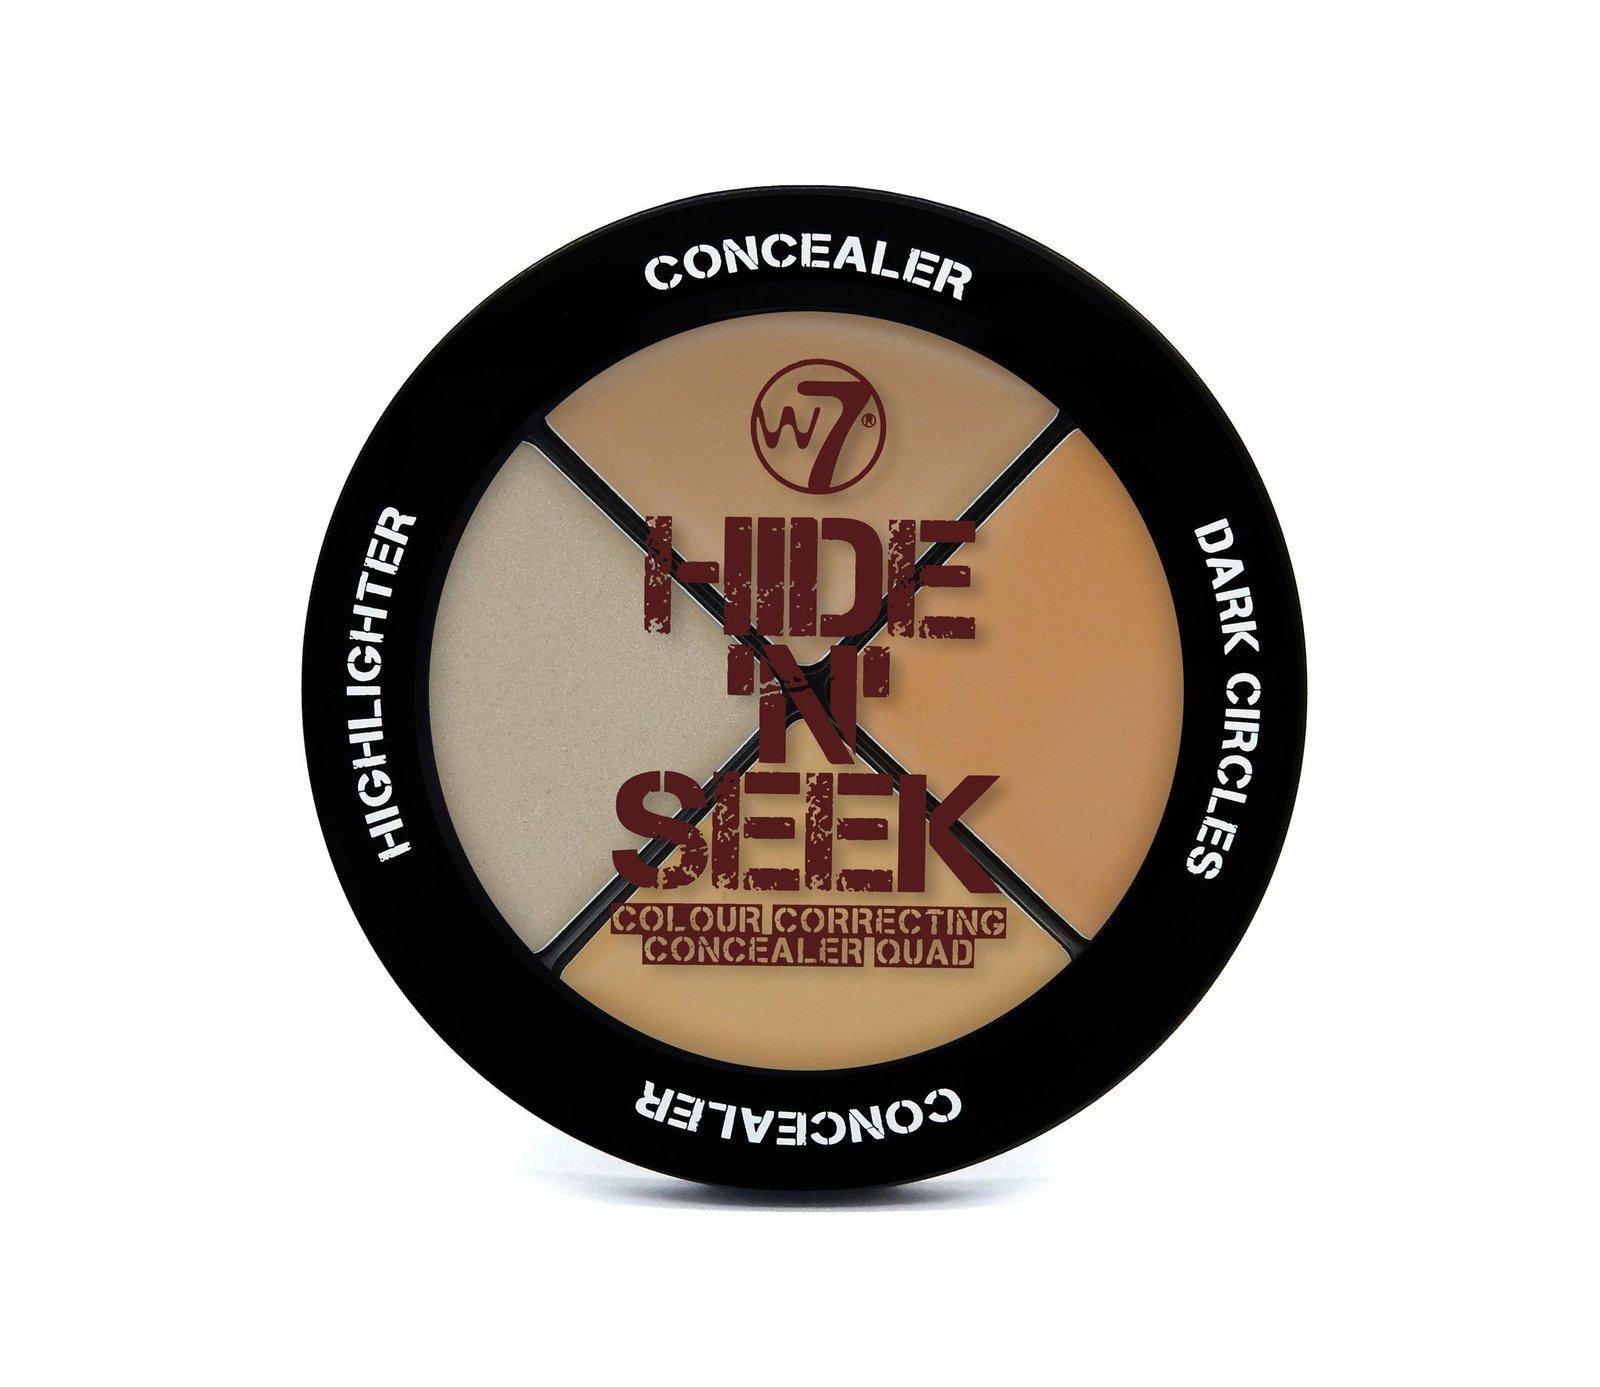 W7 Hide n Seek (Concealer Quad) image